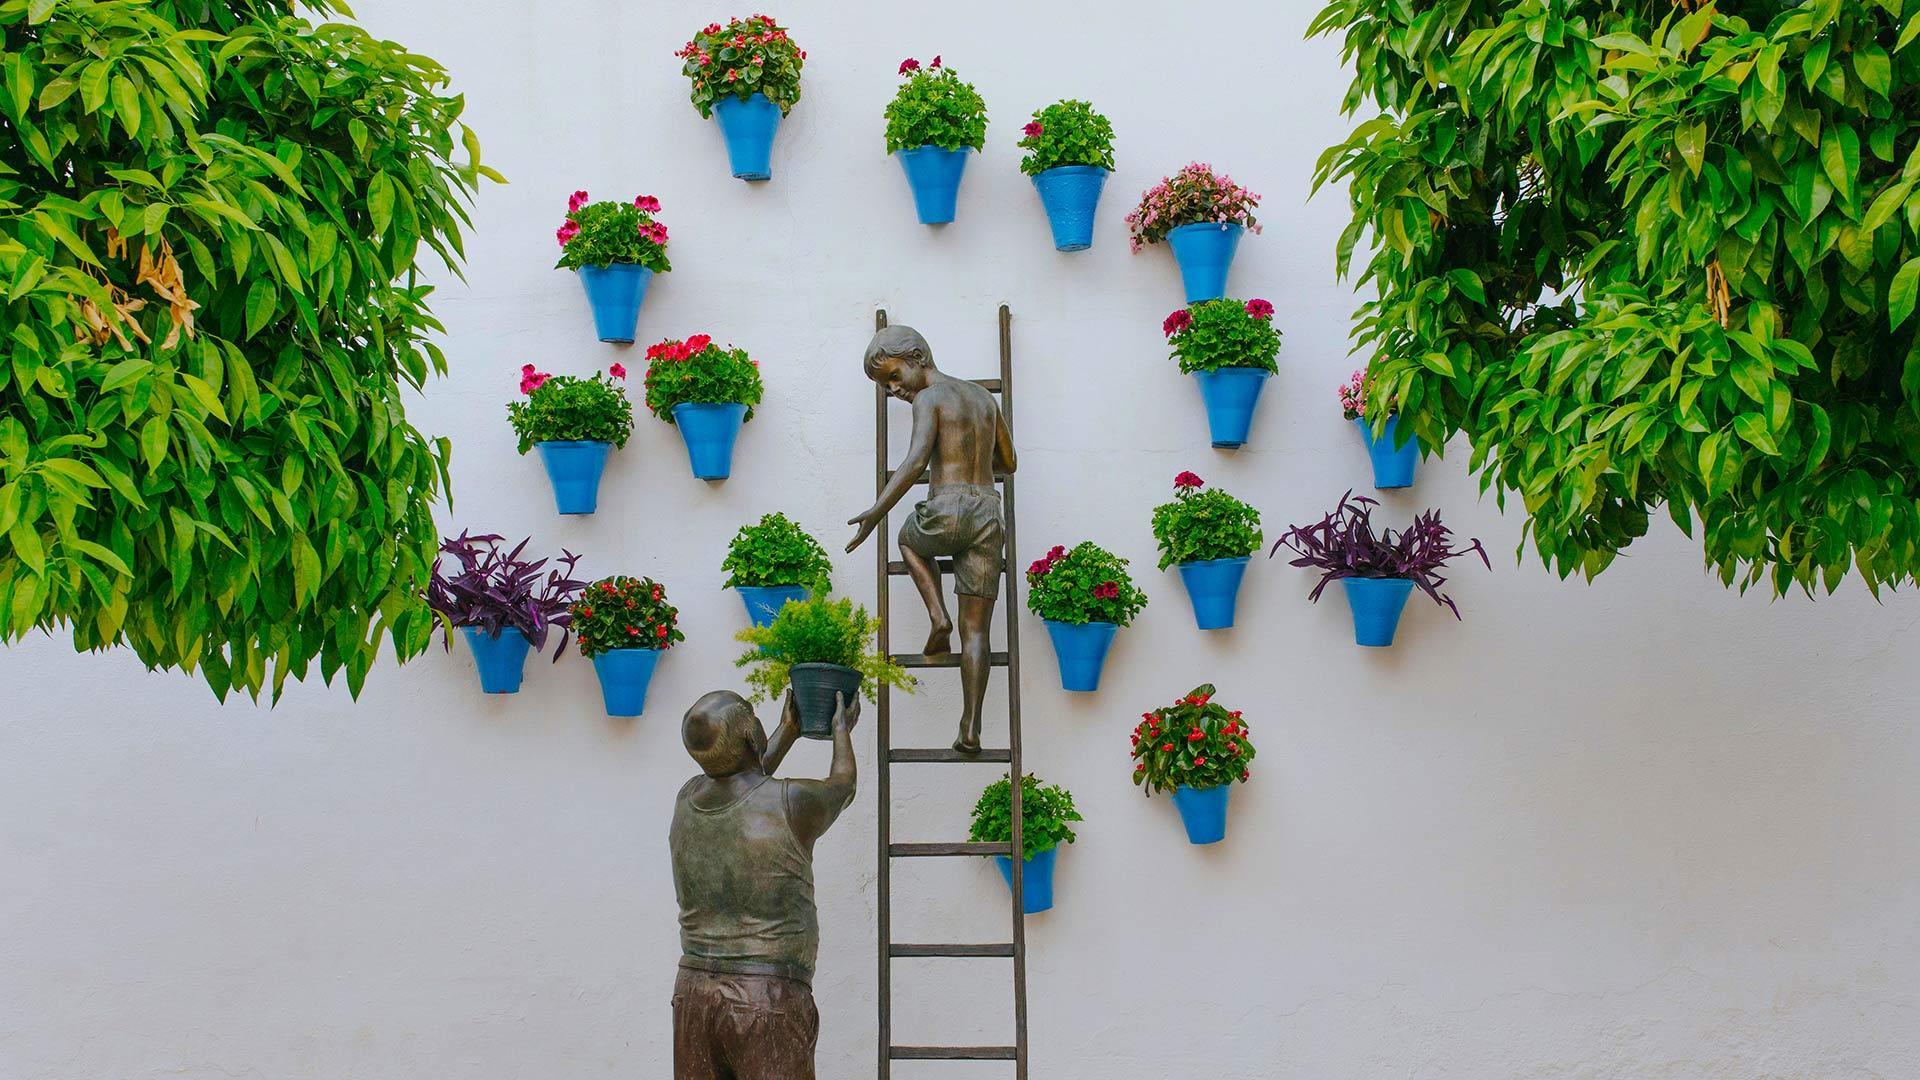 正在照看花草的孩子和祖父铜雕西班牙科尔多瓦